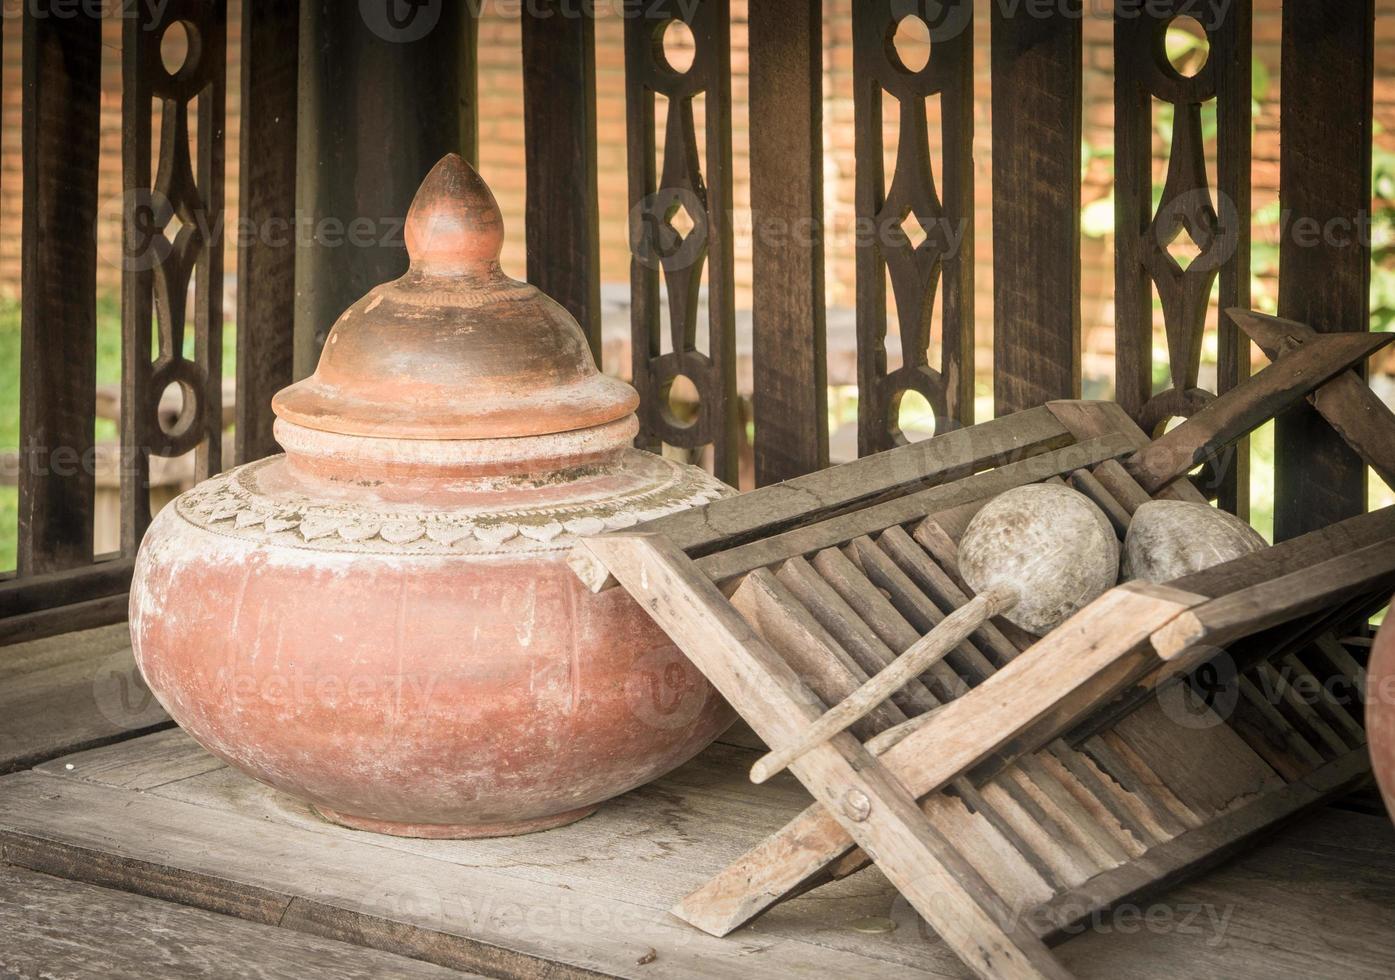 contenitore per acqua potabile in ceramica tailandese foto